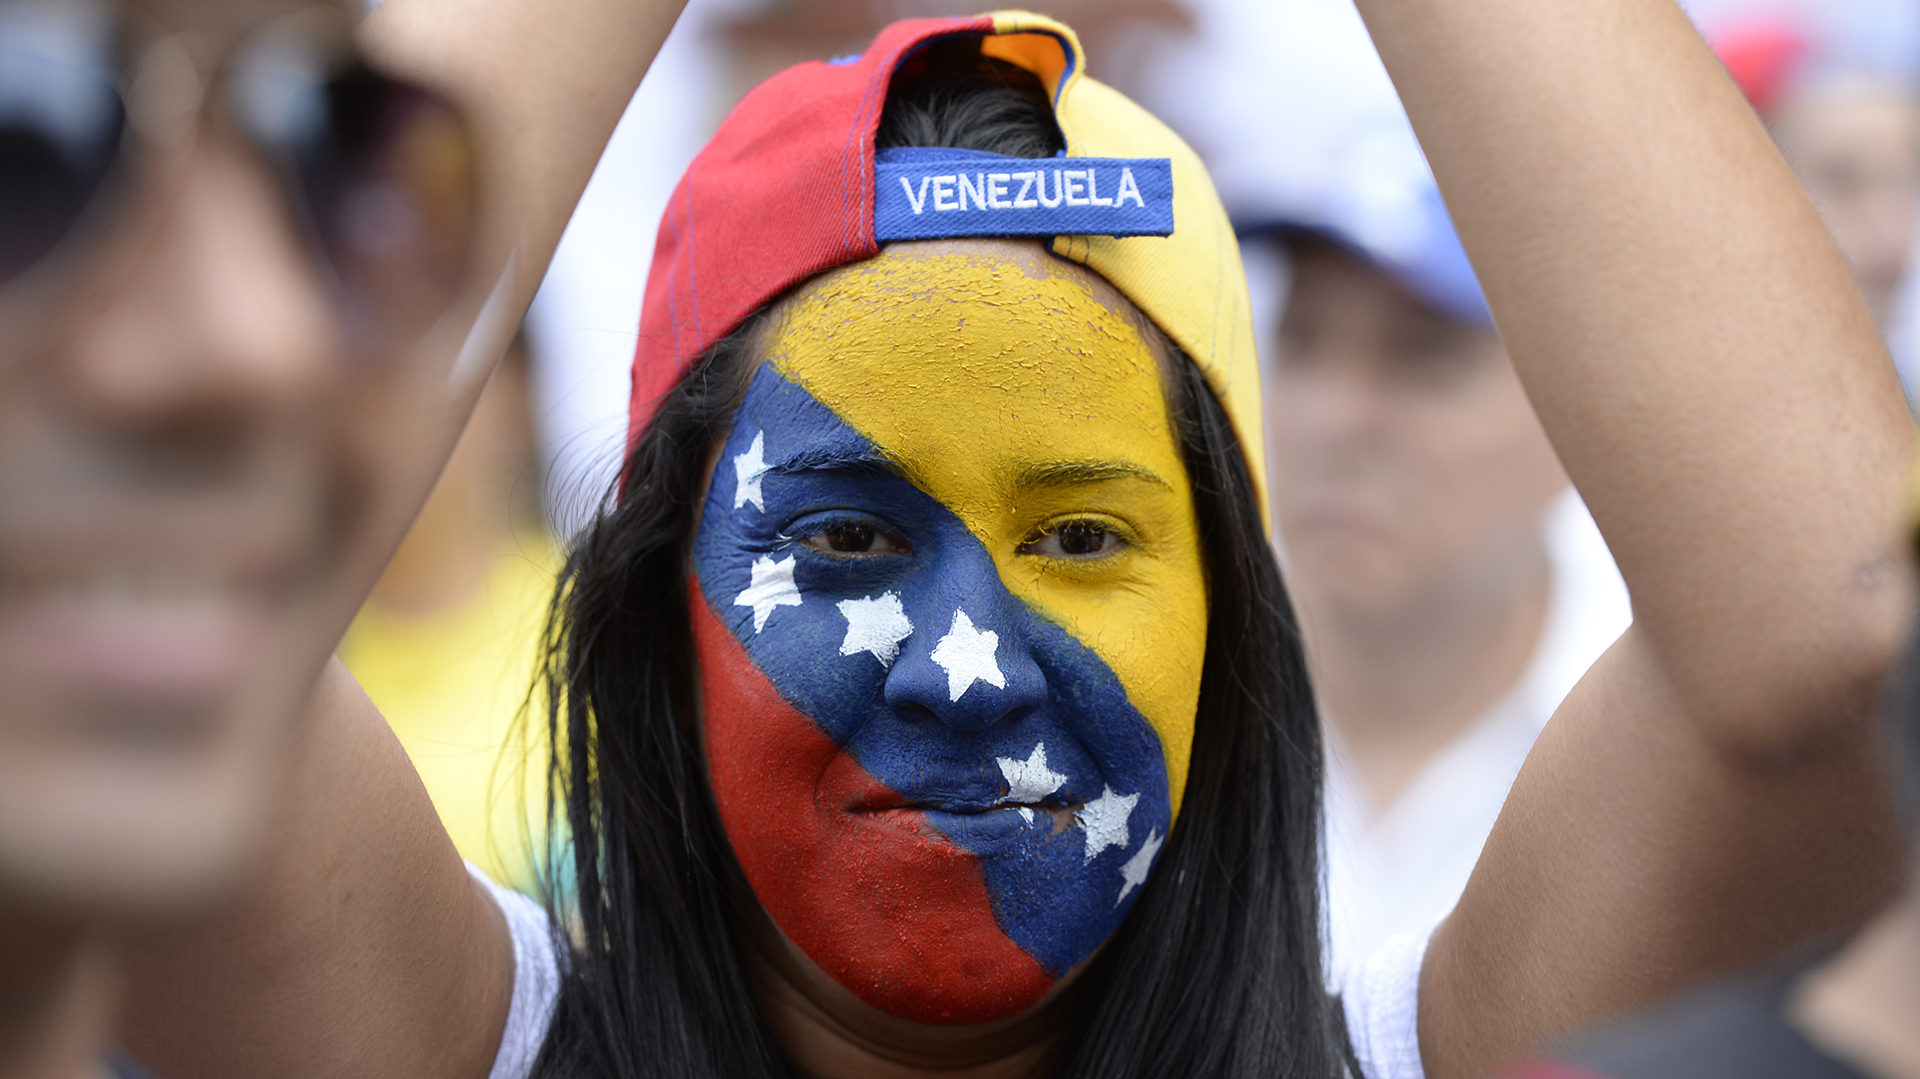 Los presos políticos: Leopoldo López y Daniel Ceballos son los casos emblema de líderes opositores encarcelados por el presidente Nicolás Maduro (AFP)